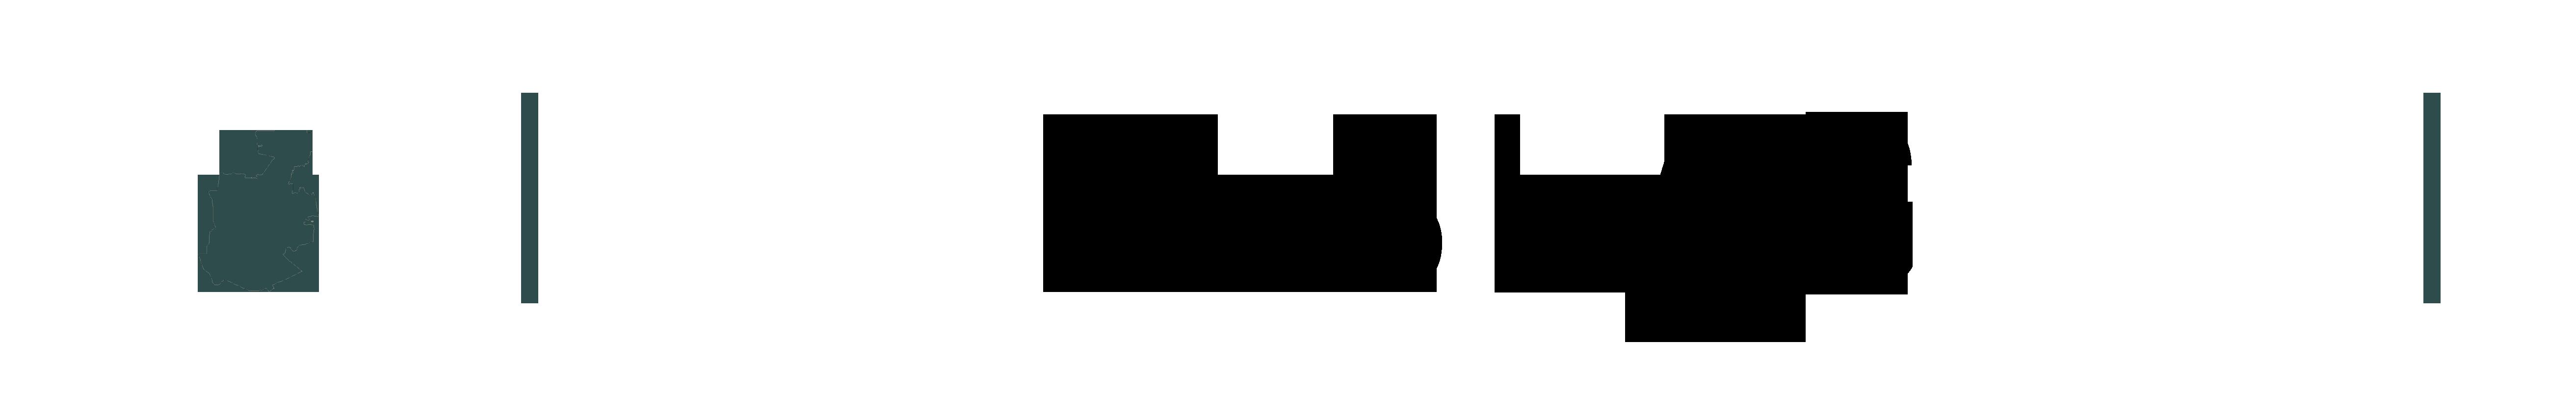 Elblag